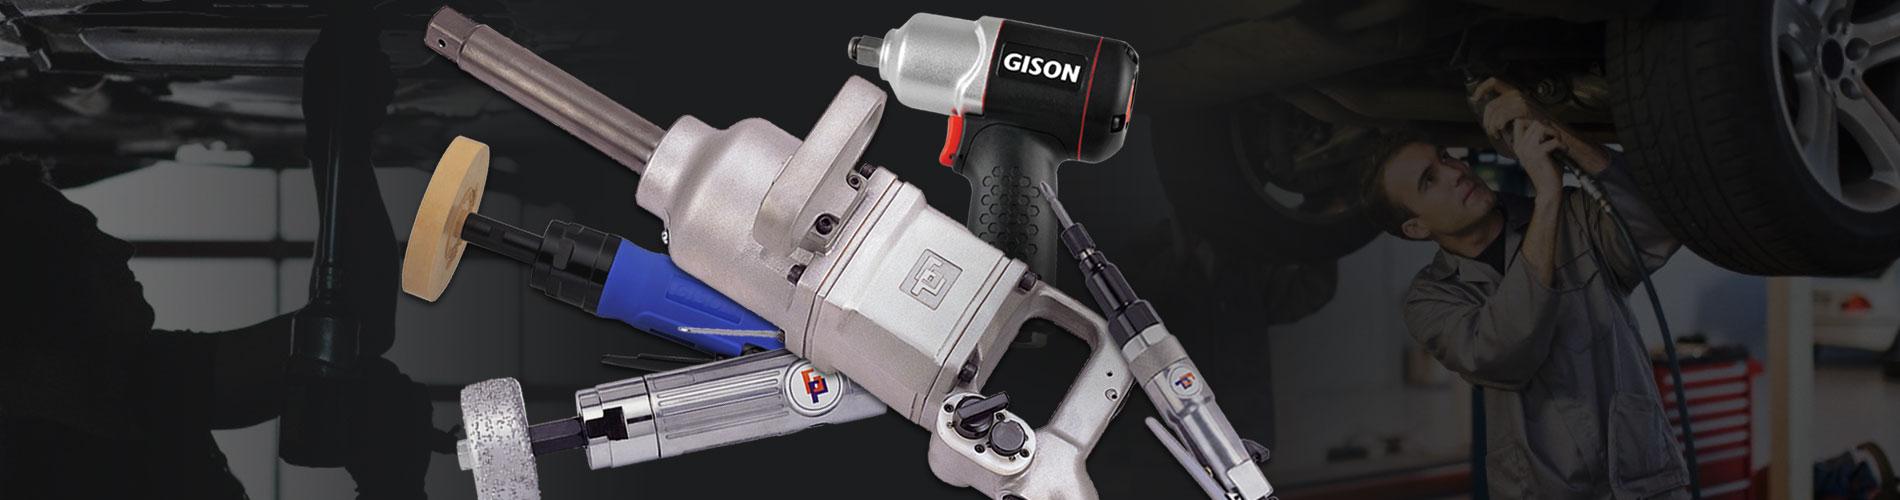 吉生空気圧工具 ロックと車の修理 専用シリーズ